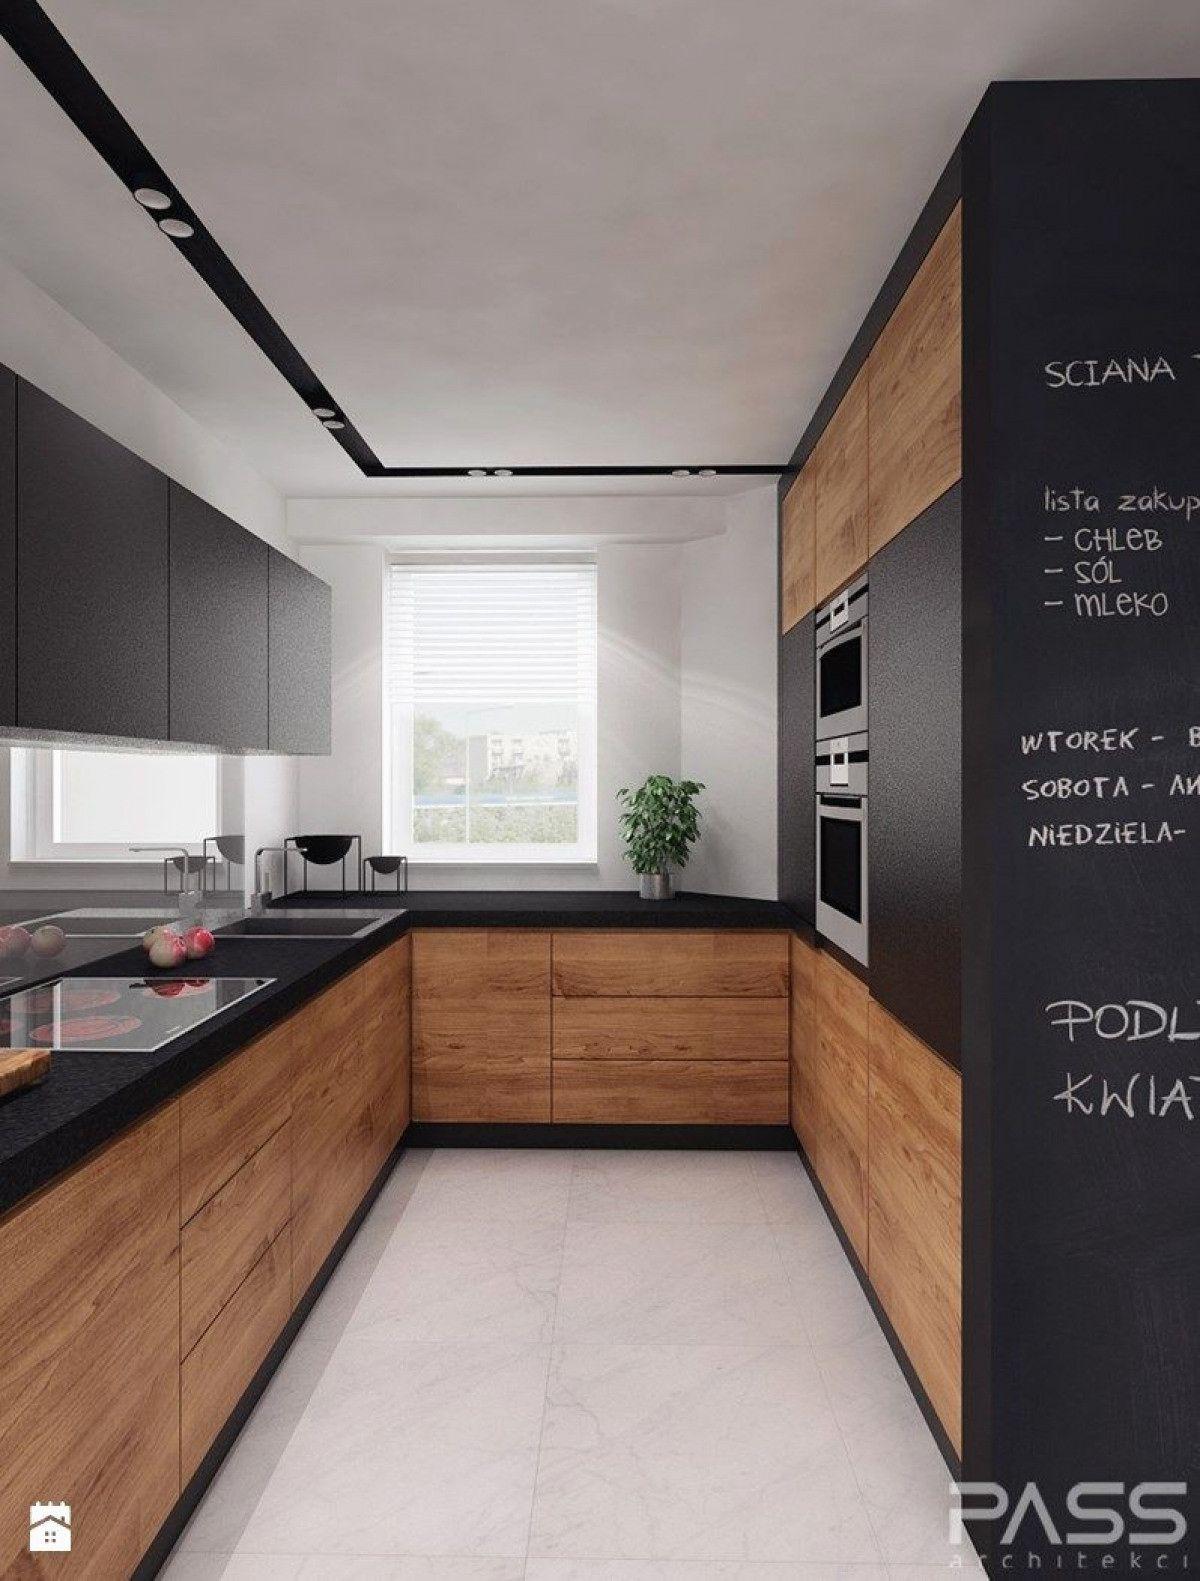 38+ Home staging de cuisine ideas